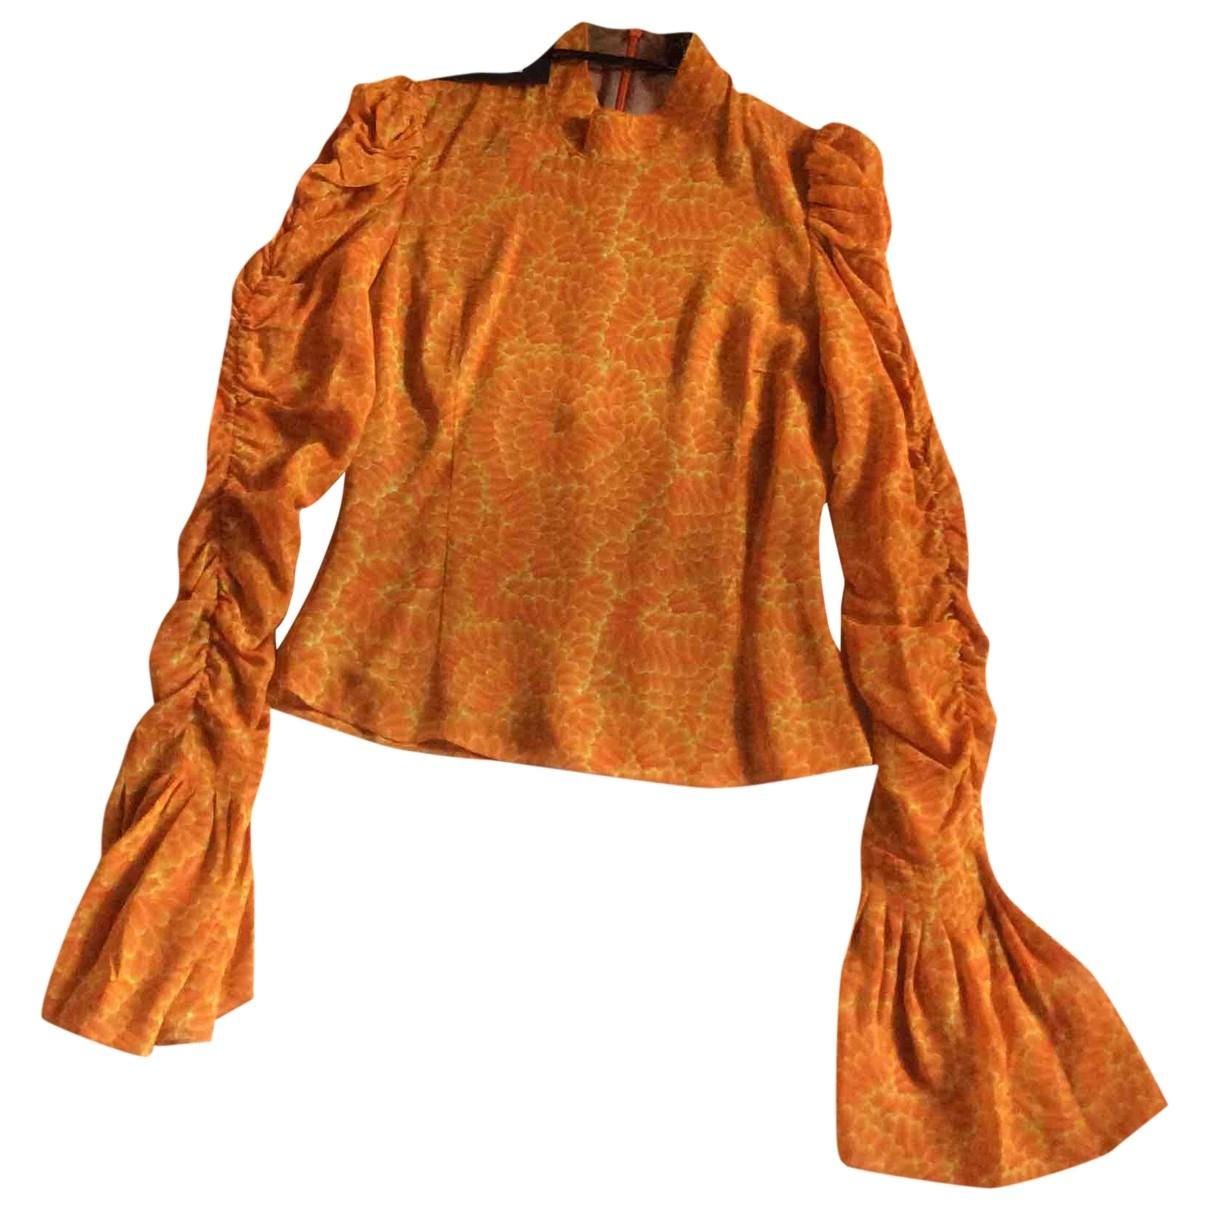 De La Vali \N Orange  top for Women 8 UK